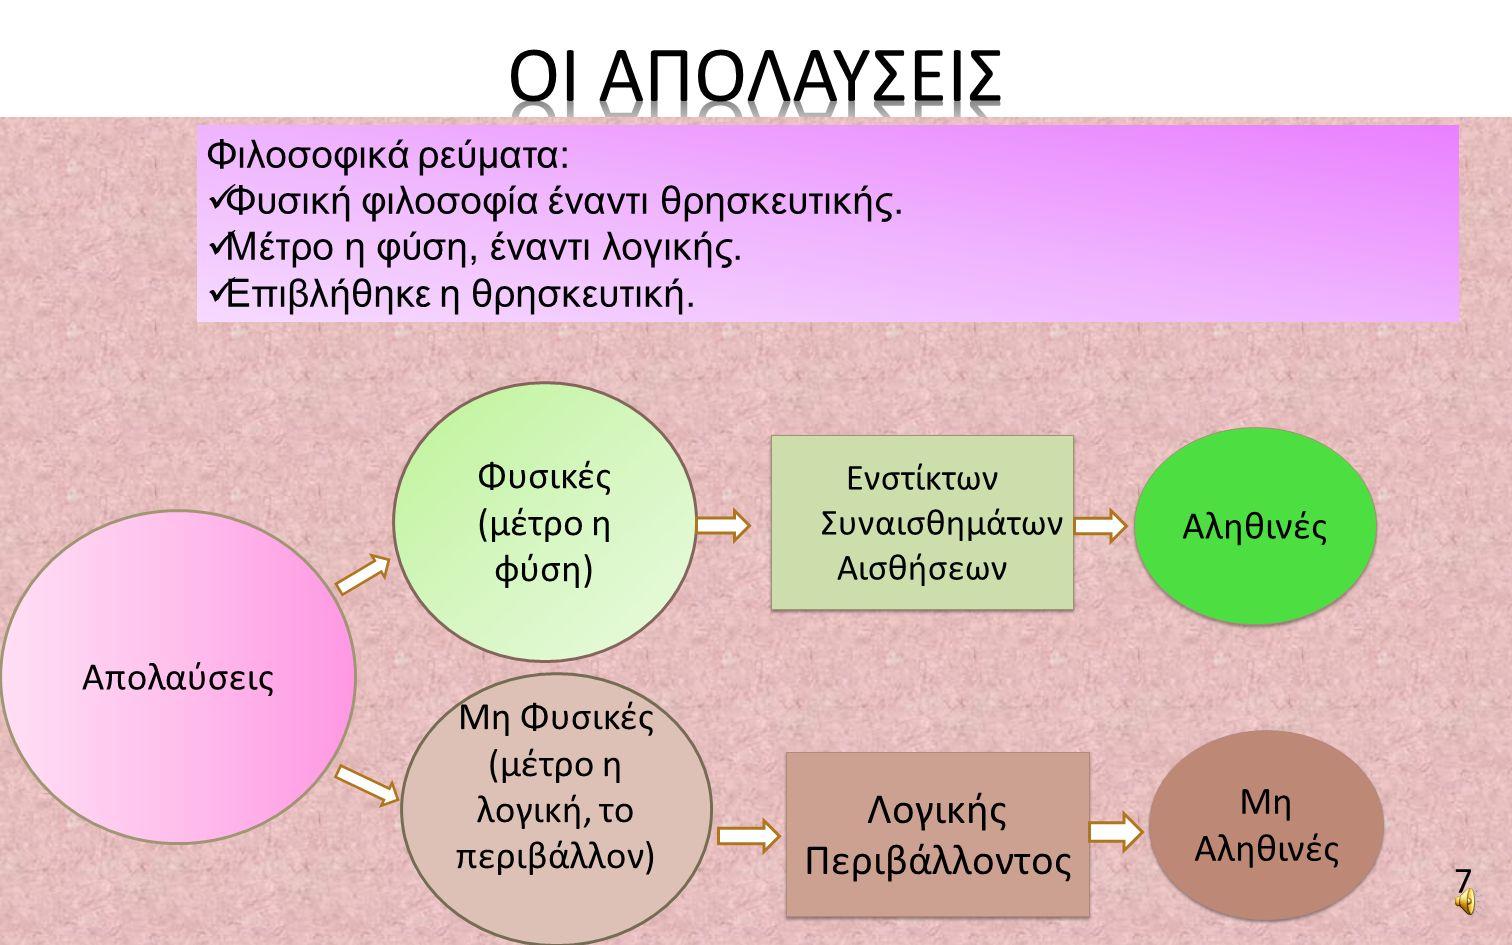 Απολαύσεις Φυσικές (μέτρο η φύση) Μη Φυσικές (μέτρο η λογική, το περιβάλλον) Ενστίκτων Συναισθημάτων Αισθήσεων Ενστίκτων Συναισθημάτων Αισθήσεων Λογικής Περιβάλλοντος Λογικής Περιβάλλοντος Αληθινές Μη Αληθινές 7 Φιλοσοφικά ρεύματα: Φυσική φιλοσοφία έναντι θρησκευτικής.